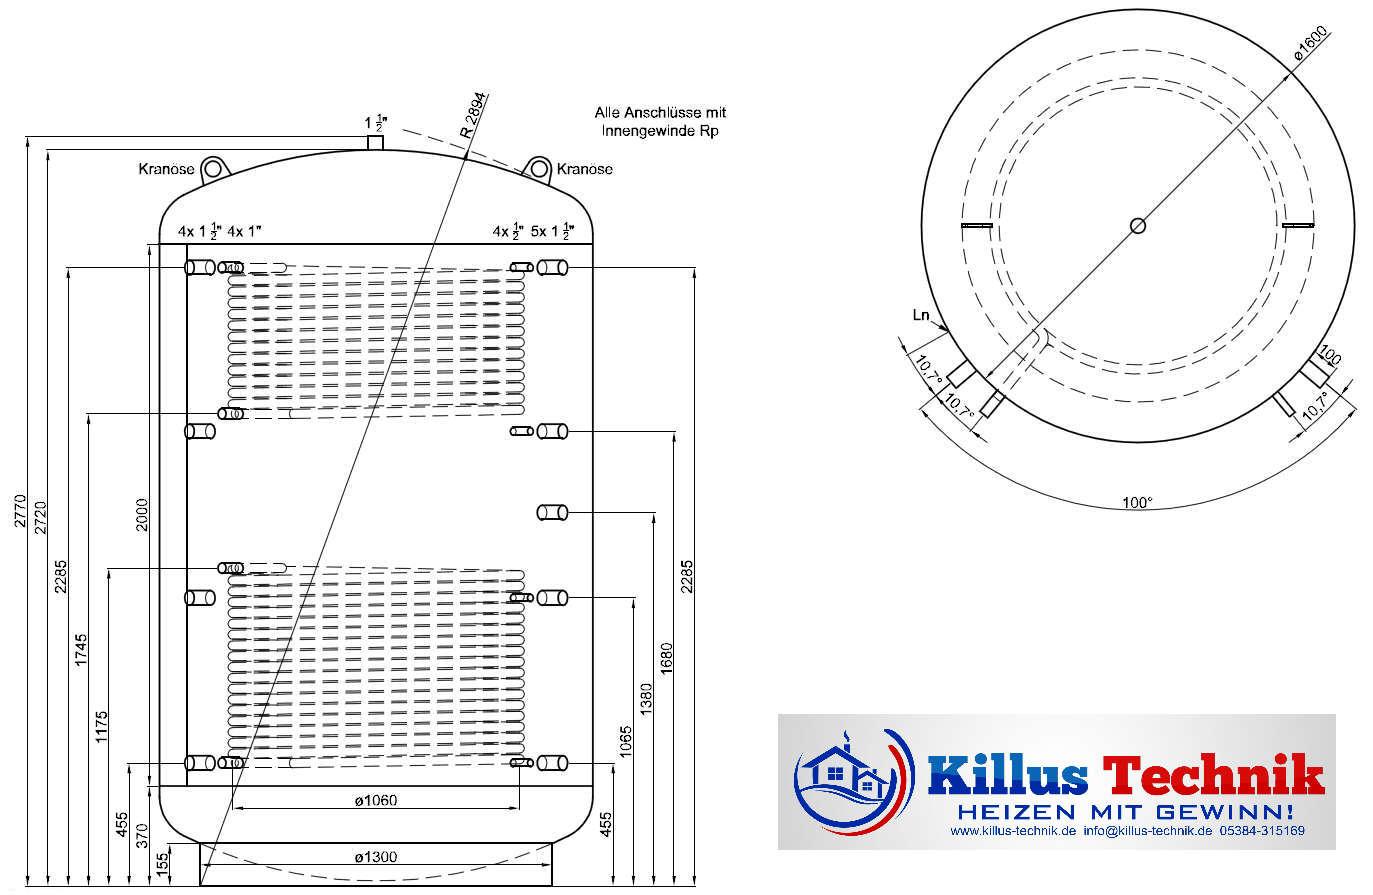 Pufferspeicher TWL 5000 Liter 2 Wärmetauscher Muffenanodrnung von 100 Grad Draufsicht Killus-Technik.de